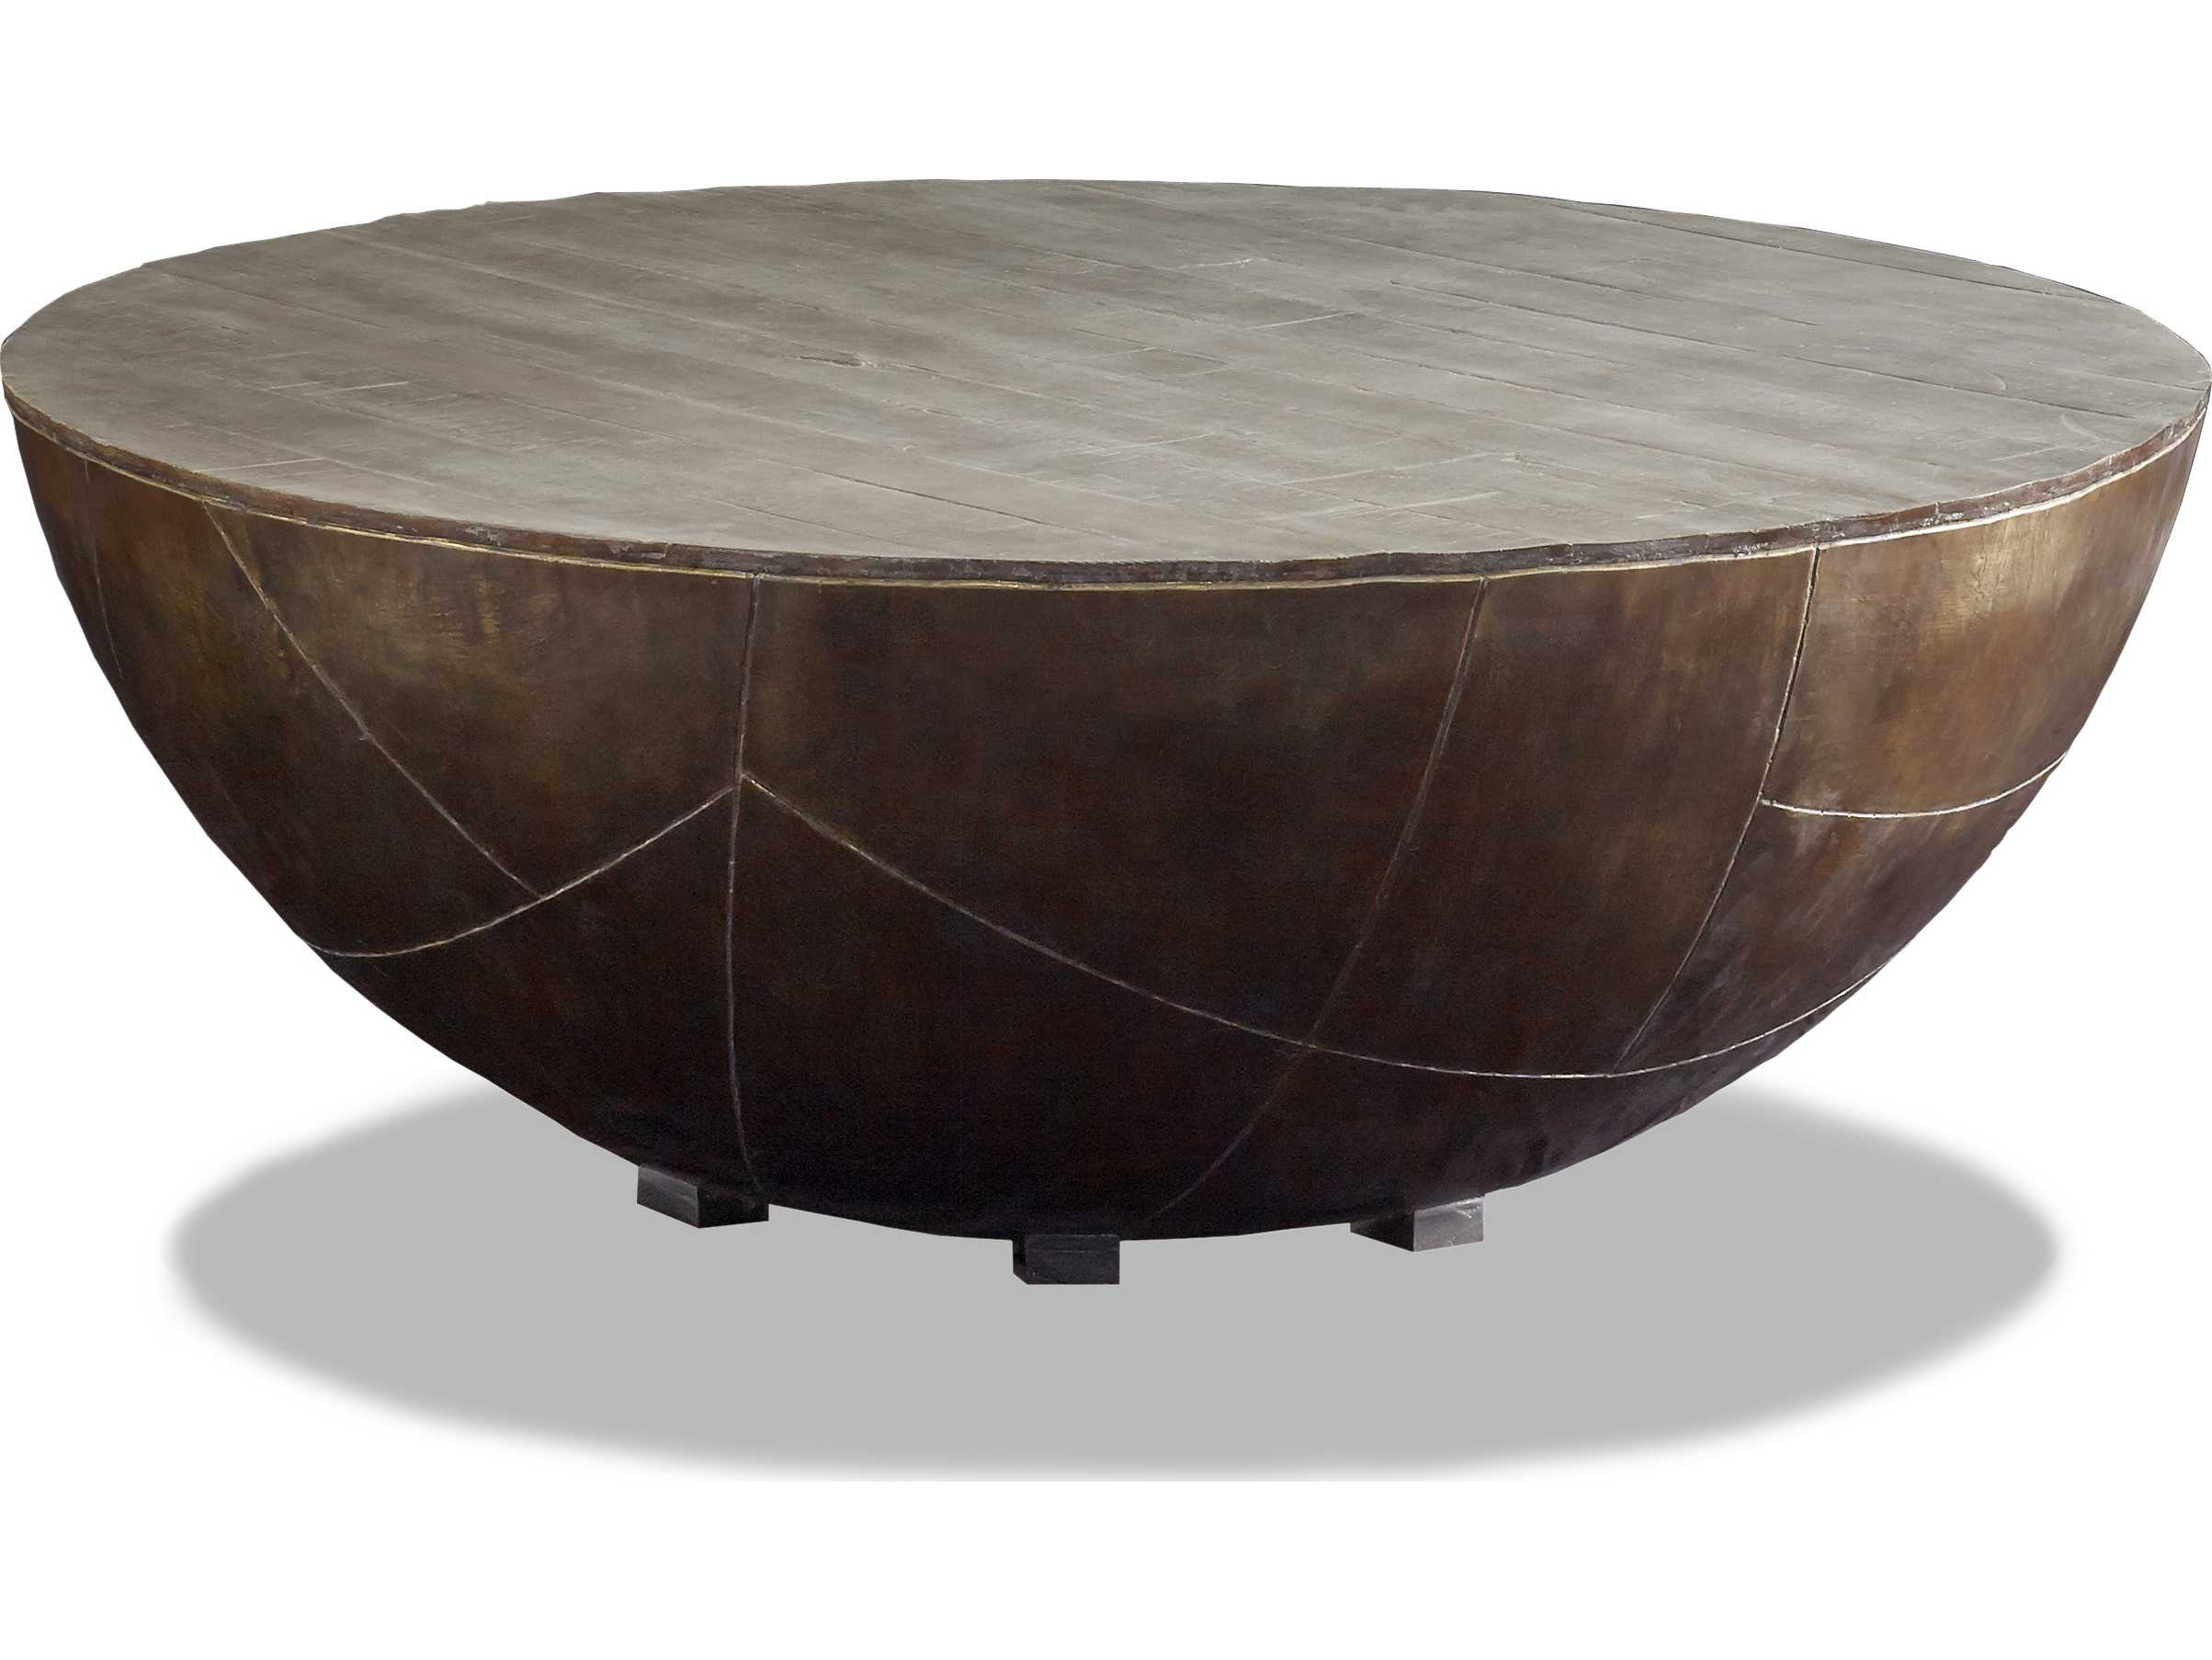 - Brownstone Furniture Delano 48'' Round Fog Gray & Antique Brass